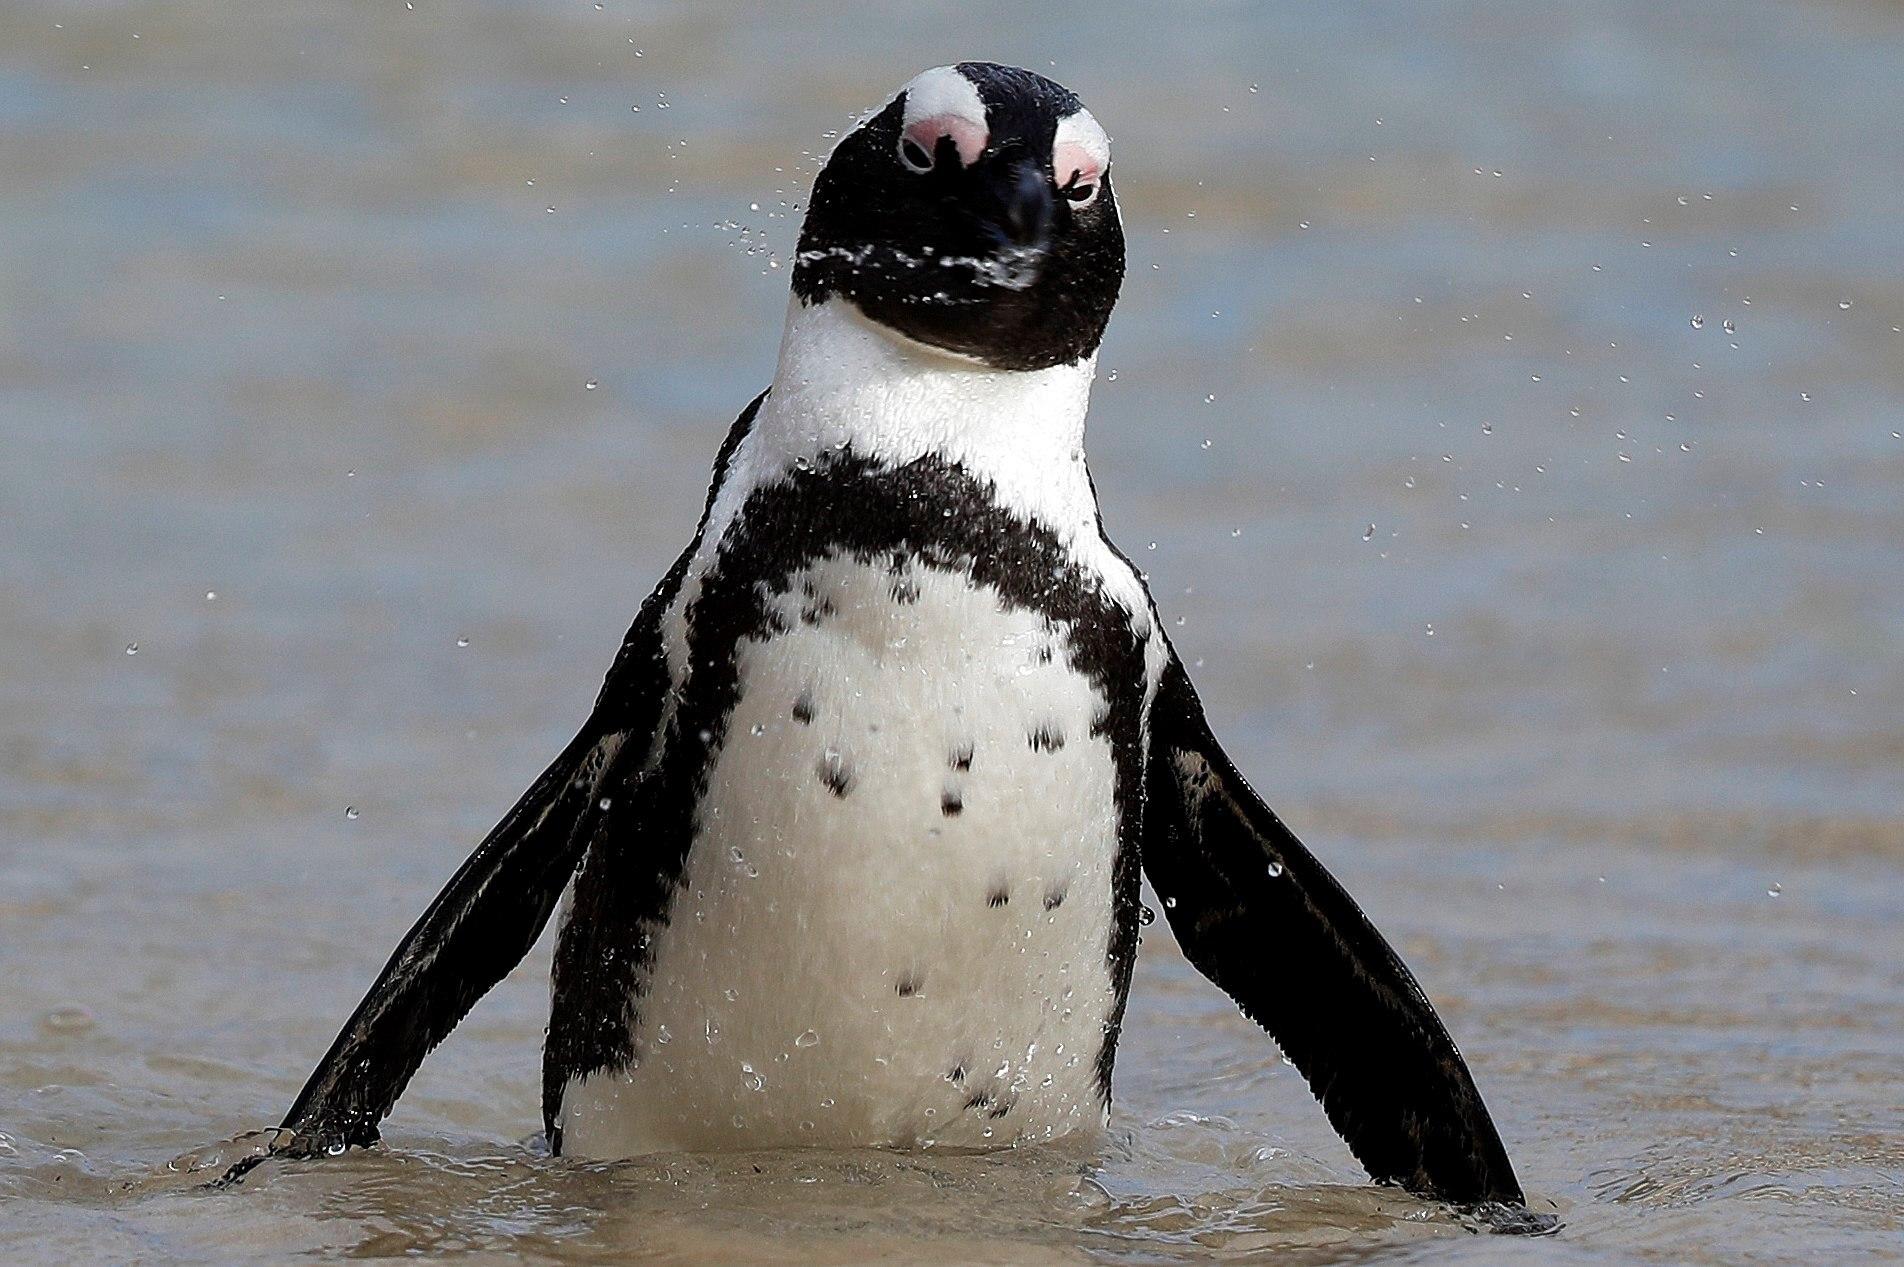 Un pingüí neda a la platja Boulders a Ciutat del Cap (Sud-àfrica). El govern local ha registrat la mort anormal de 18 pingüins. Algunes han estat causades per la grip aviària. El pingüí africà està en la llista d'espècies en perill d'extinció. /NIC BOTHMA